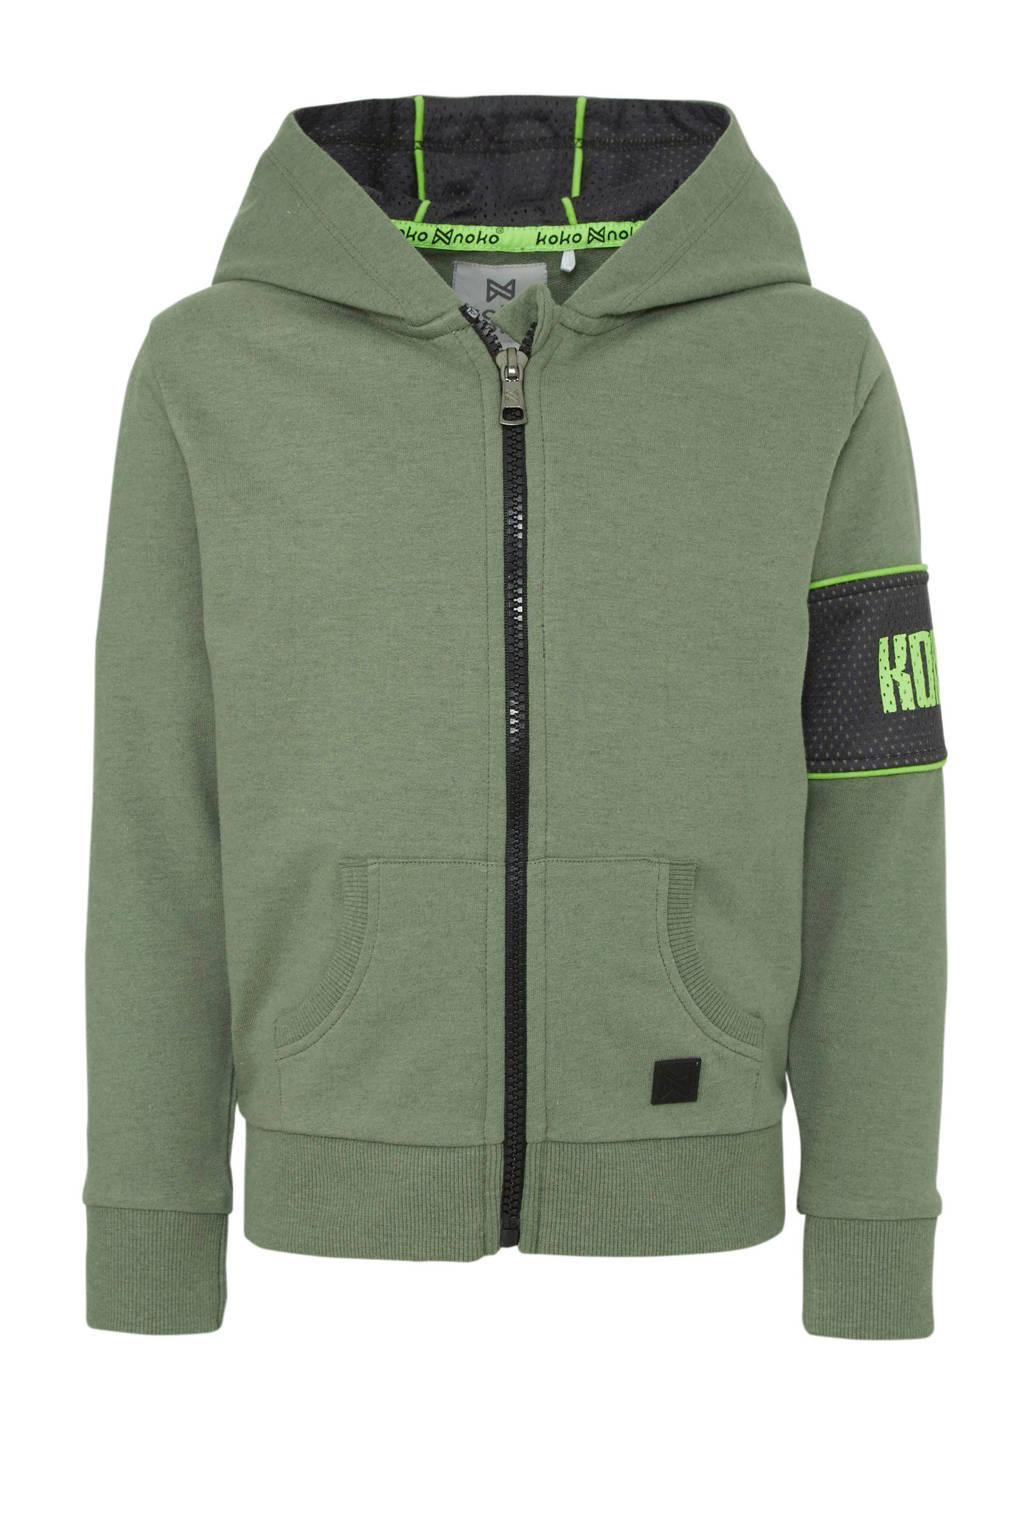 Koko Noko vest donkergroen/zwart/groen, Donkergroen/zwart/groen